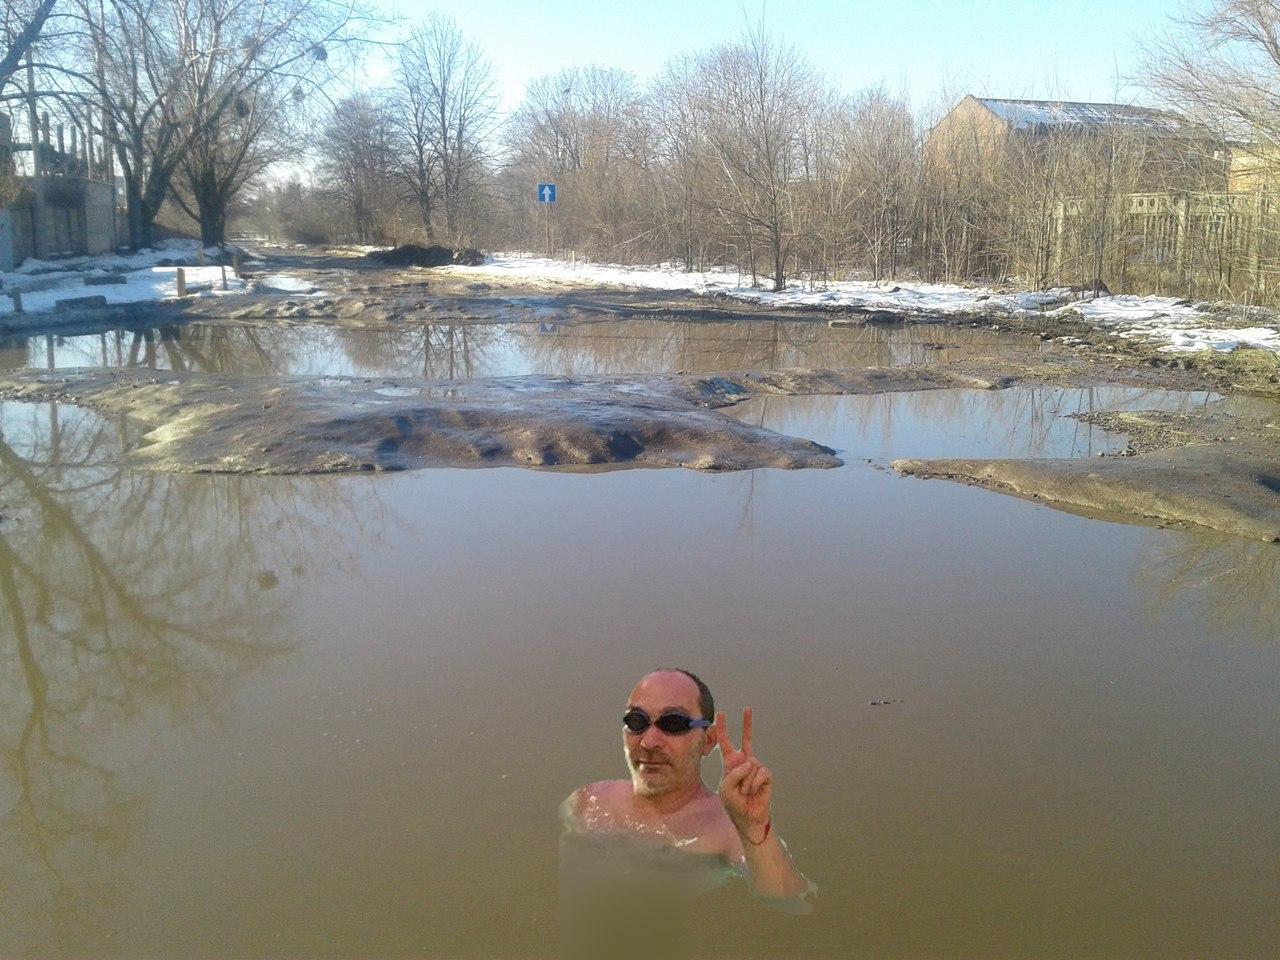 Асфальт стоимостью более чем 700 млн грн сошел вместе со снегом в Харькове, - KHARKIV Today - Цензор.НЕТ 4808